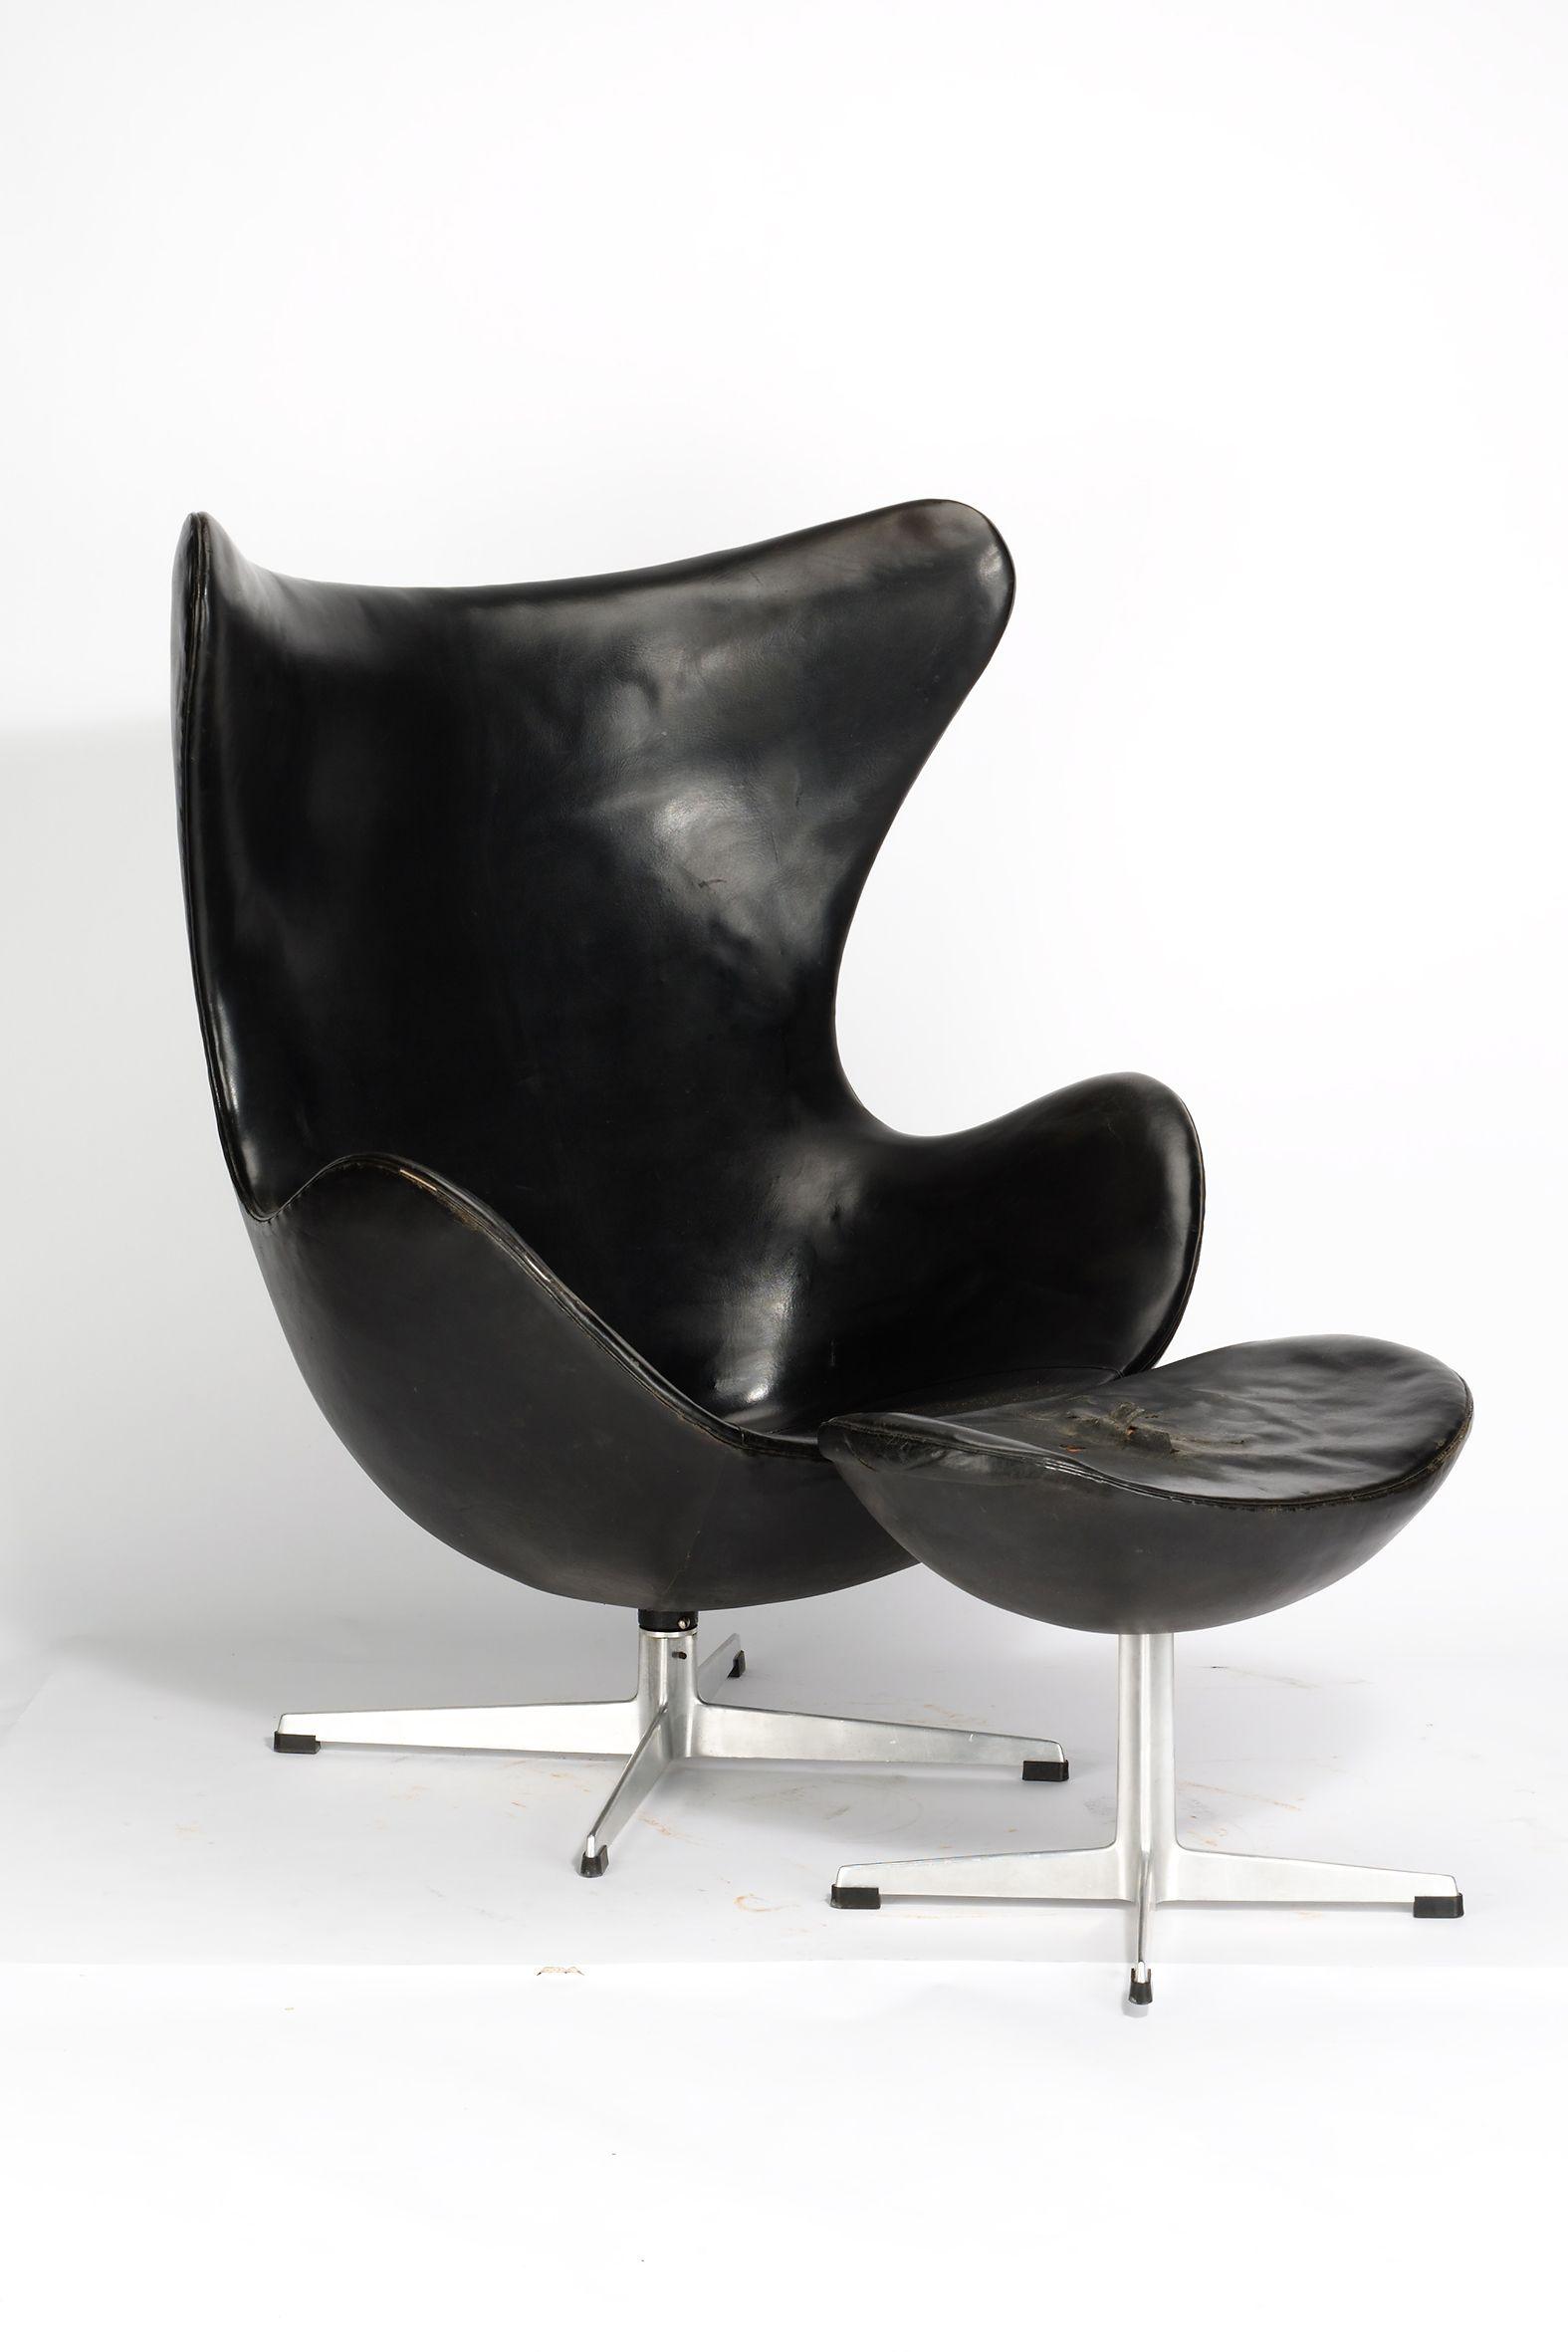 Arne Jacobsen, Egg Chair Mti Ottomane Modell 3316 (1957 1958)